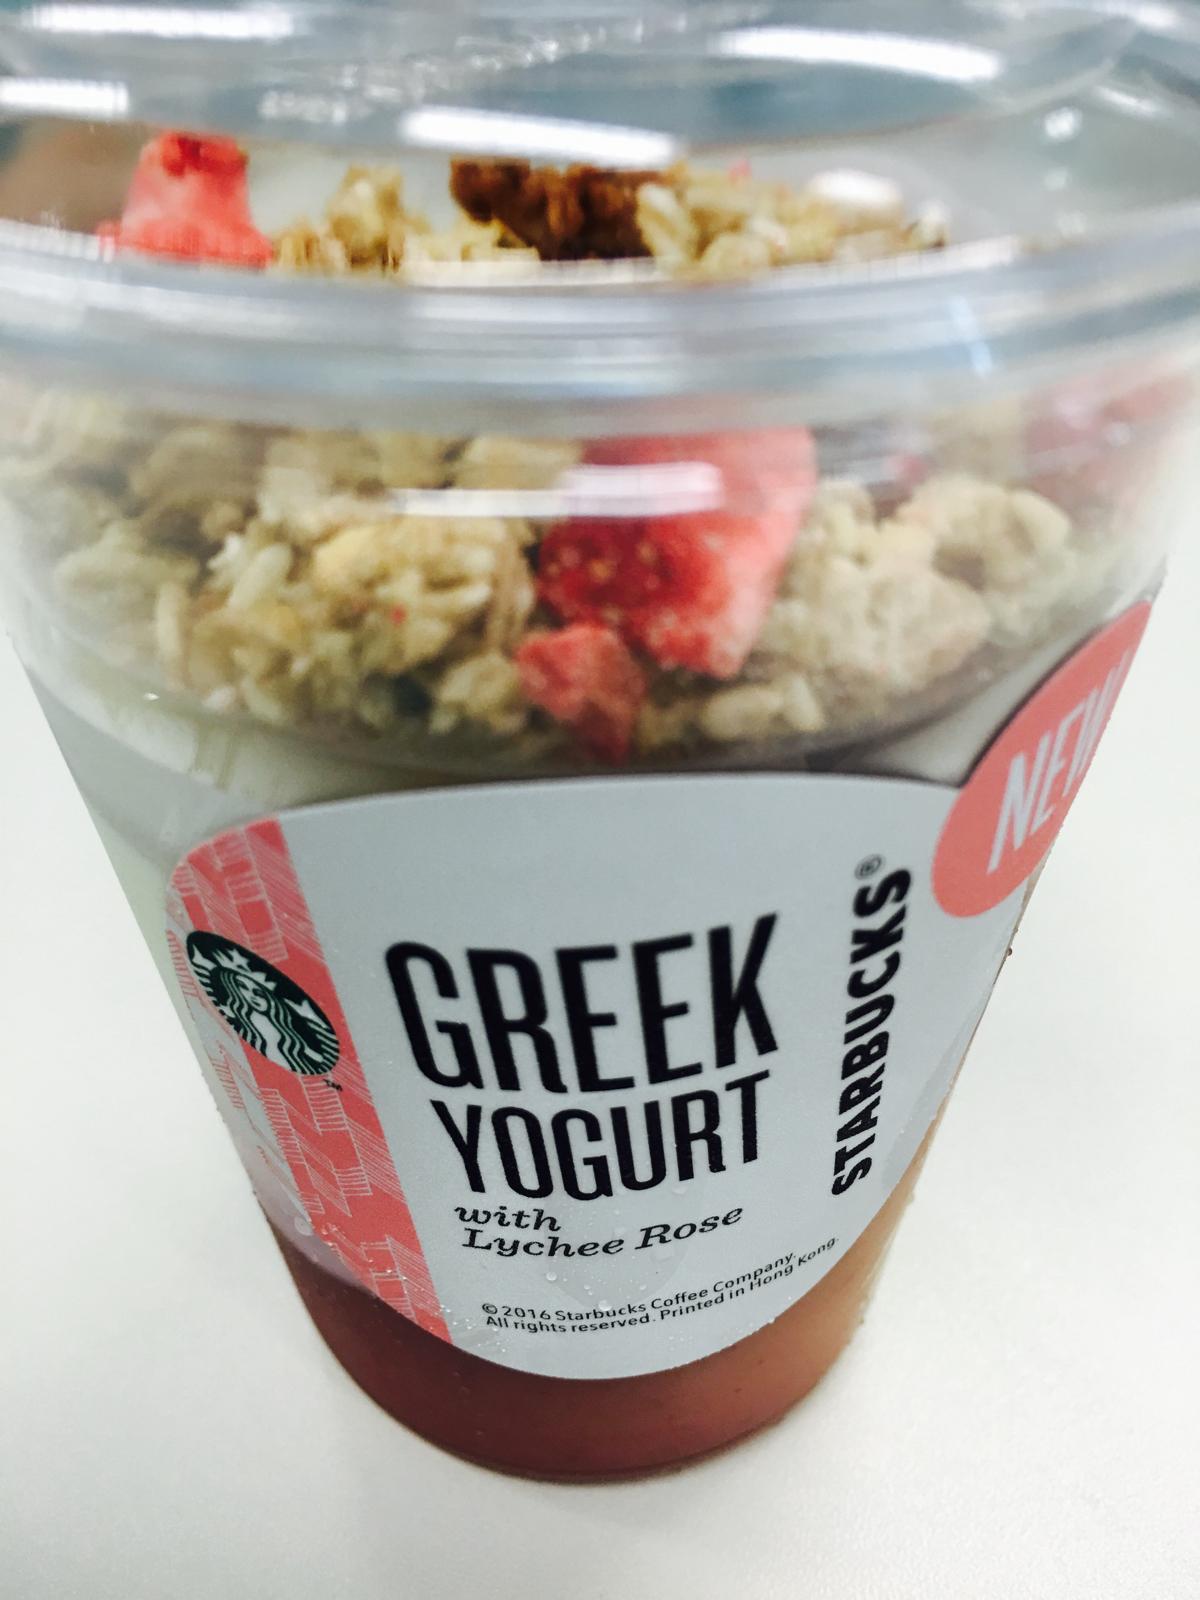 香港のスタバの新商品「ギリシャヨーグルト」を食べてみました